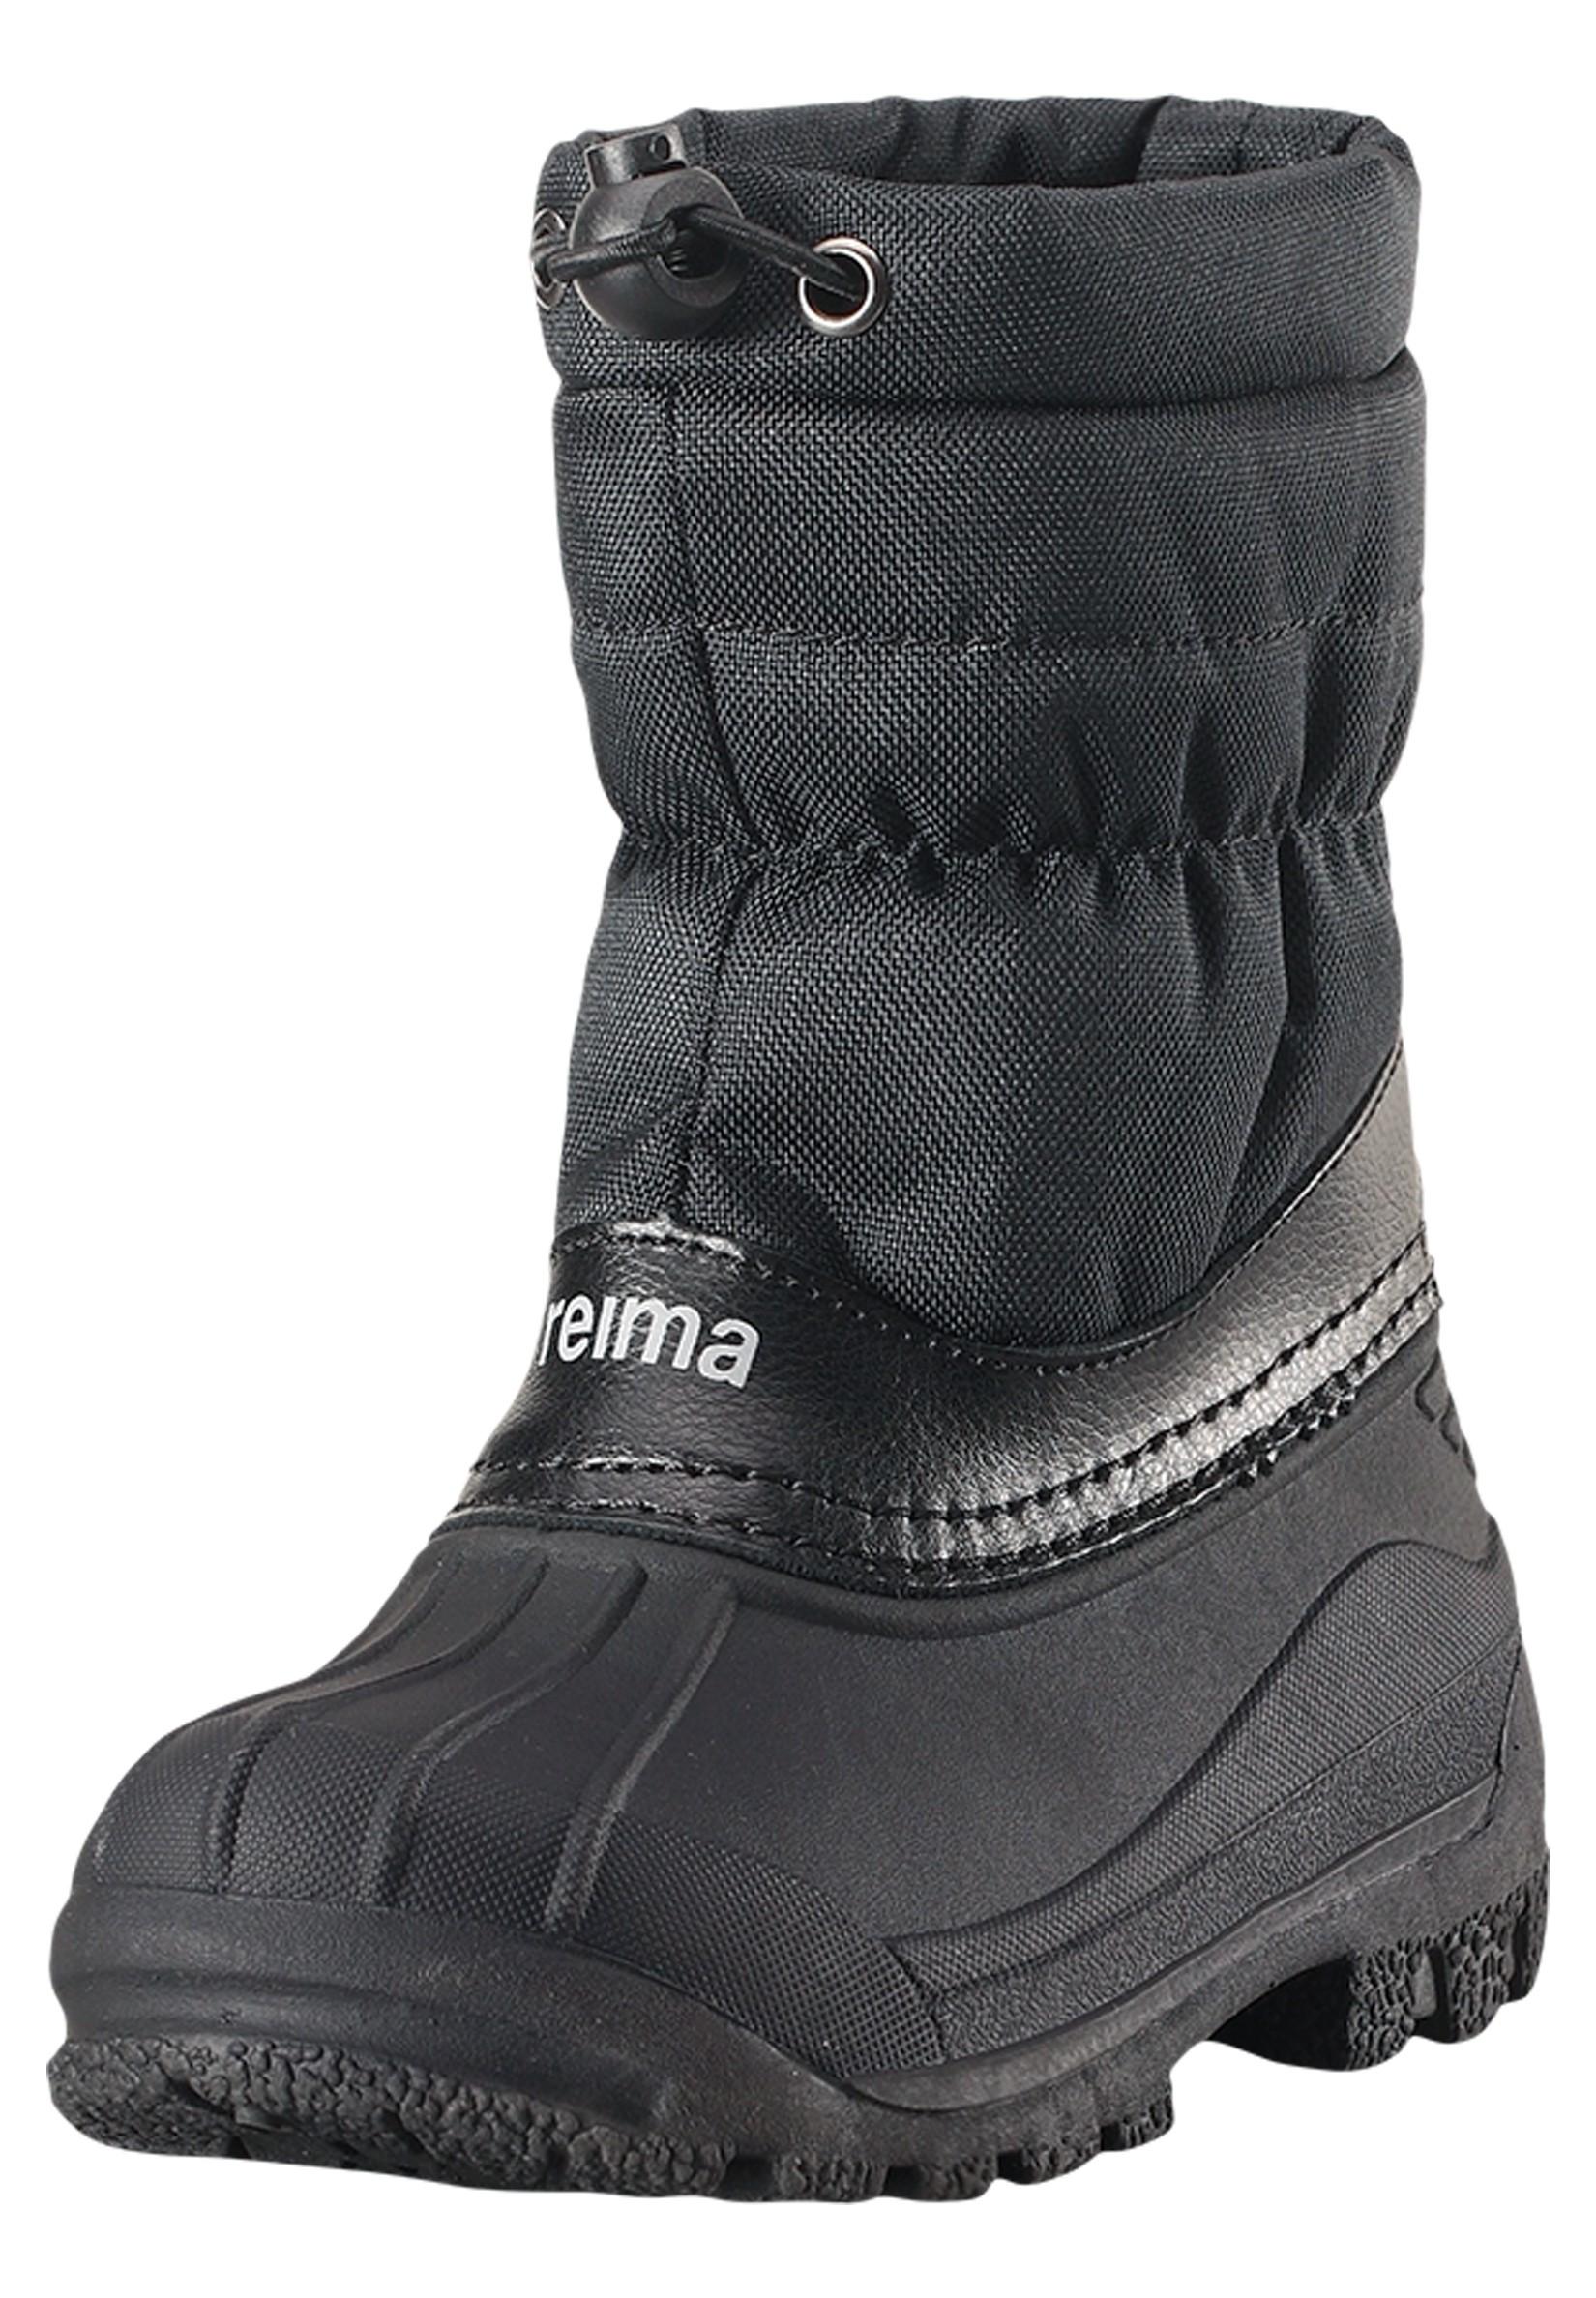 Ботинки для мальчика Reima черные ботинки для мальчика reima черные